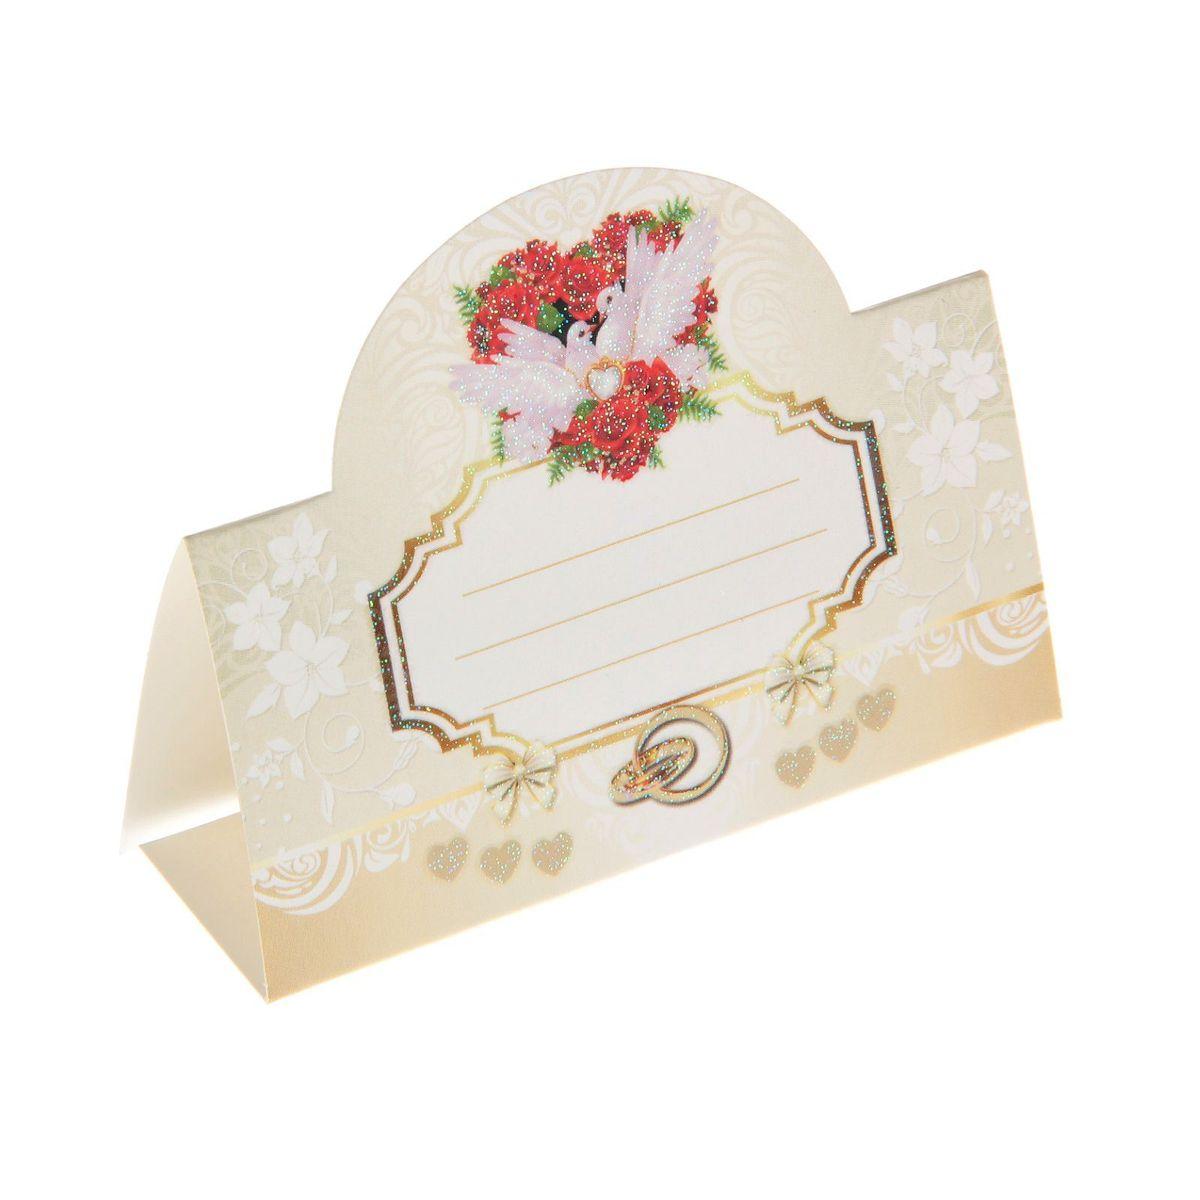 Карточка банкетная Миленд. 12187171218717Красиво оформленный свадебный стол - это эффектное, неординарное и очень значимое обрамление для проведения любого запланированного вами торжества. Банкетная карточка Миленд - это красивое и оригинальное украшение зала, которое дополнит выдержанный стиль мероприятия и передаст праздничное настроение вам и вашим гостям.